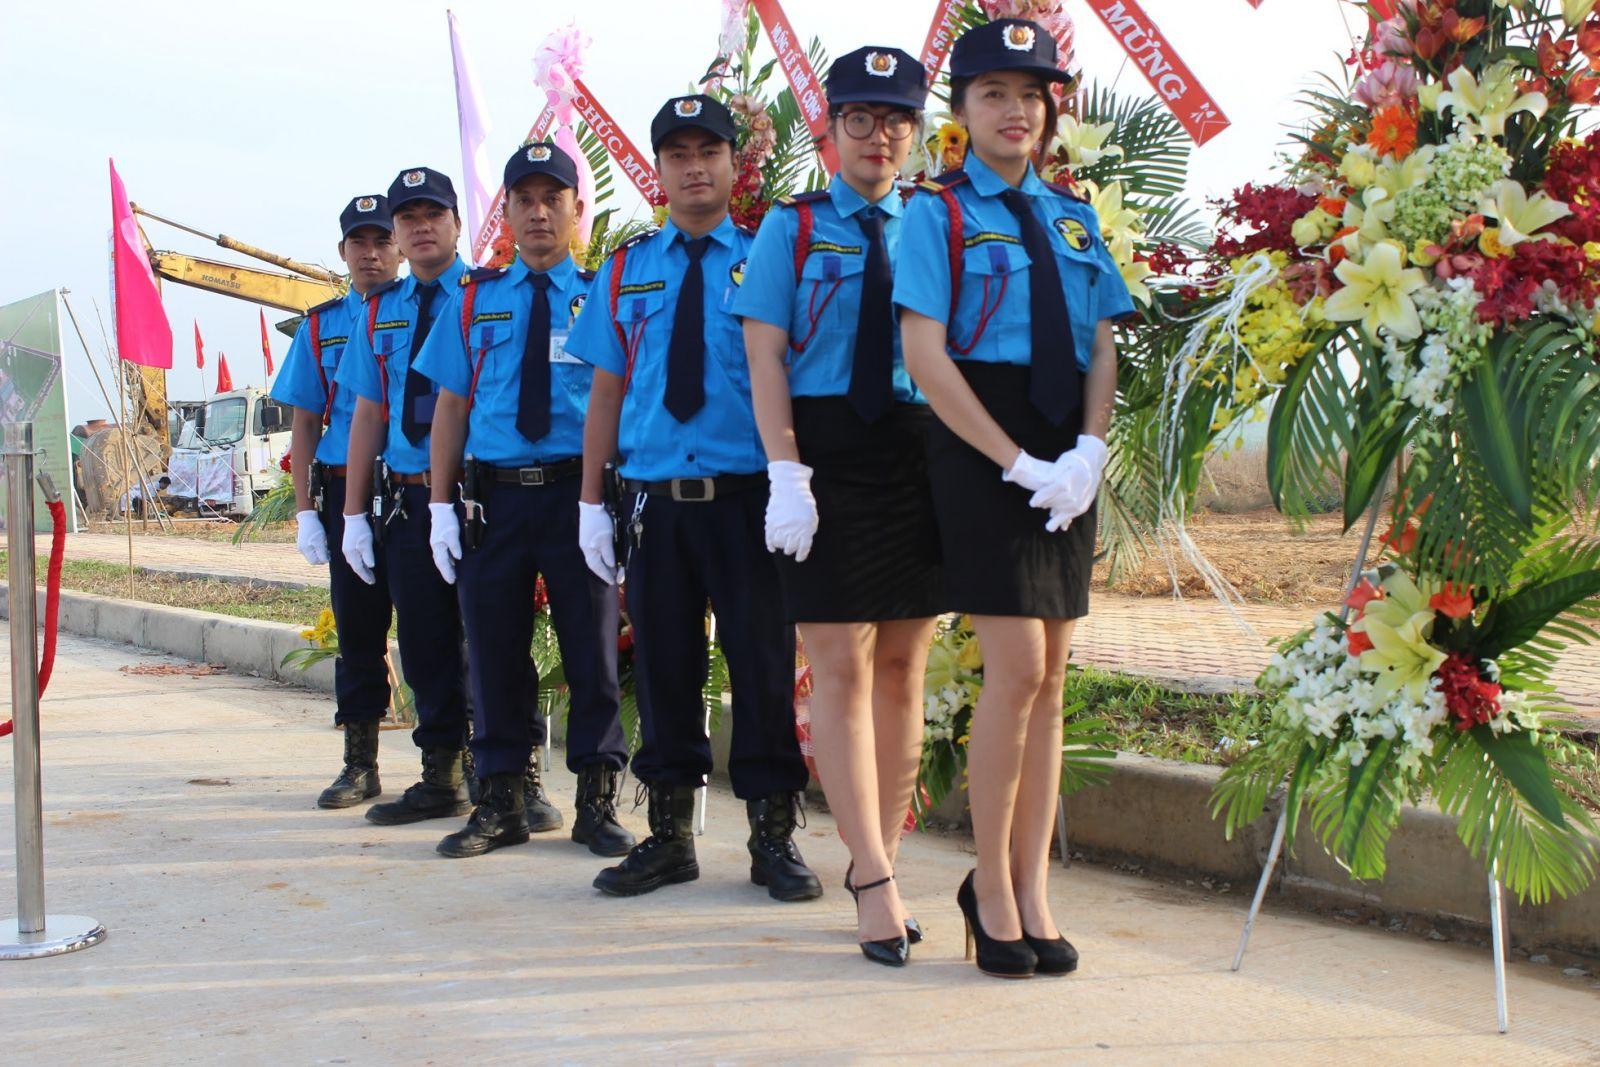 Dịch vụ bảo vệ tại miền bắc – mục tiêu, nhiệm vụ ở sự kiện